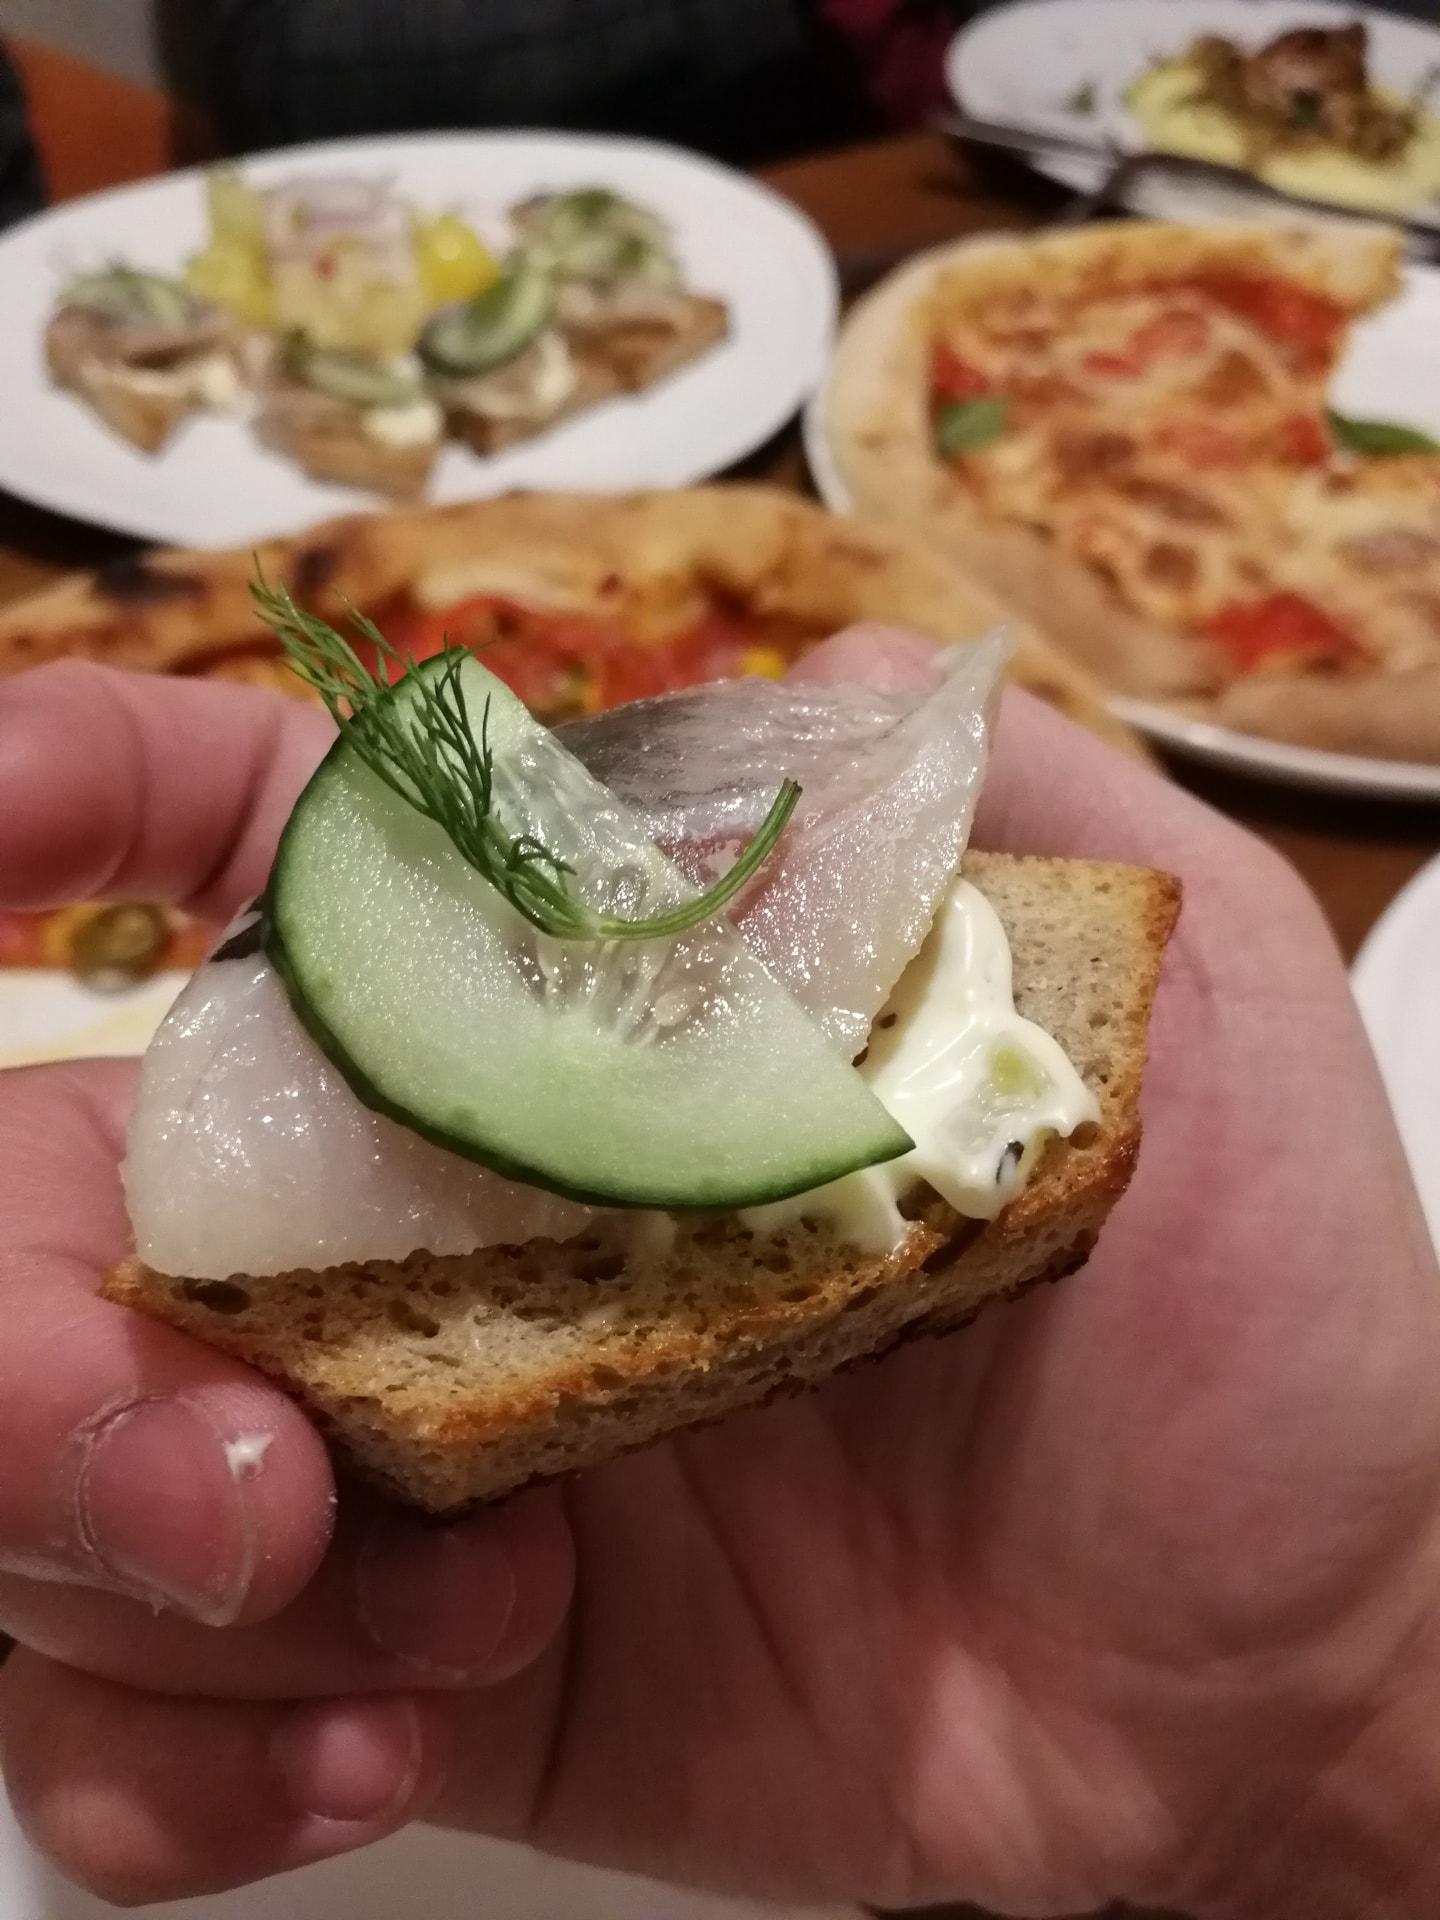 俄罗斯人喜欢吃鱼,而且是这种稍微带点发酵味道的腌鲱鱼,上面放黄瓜去腥,下面面包作为主食,味道还行